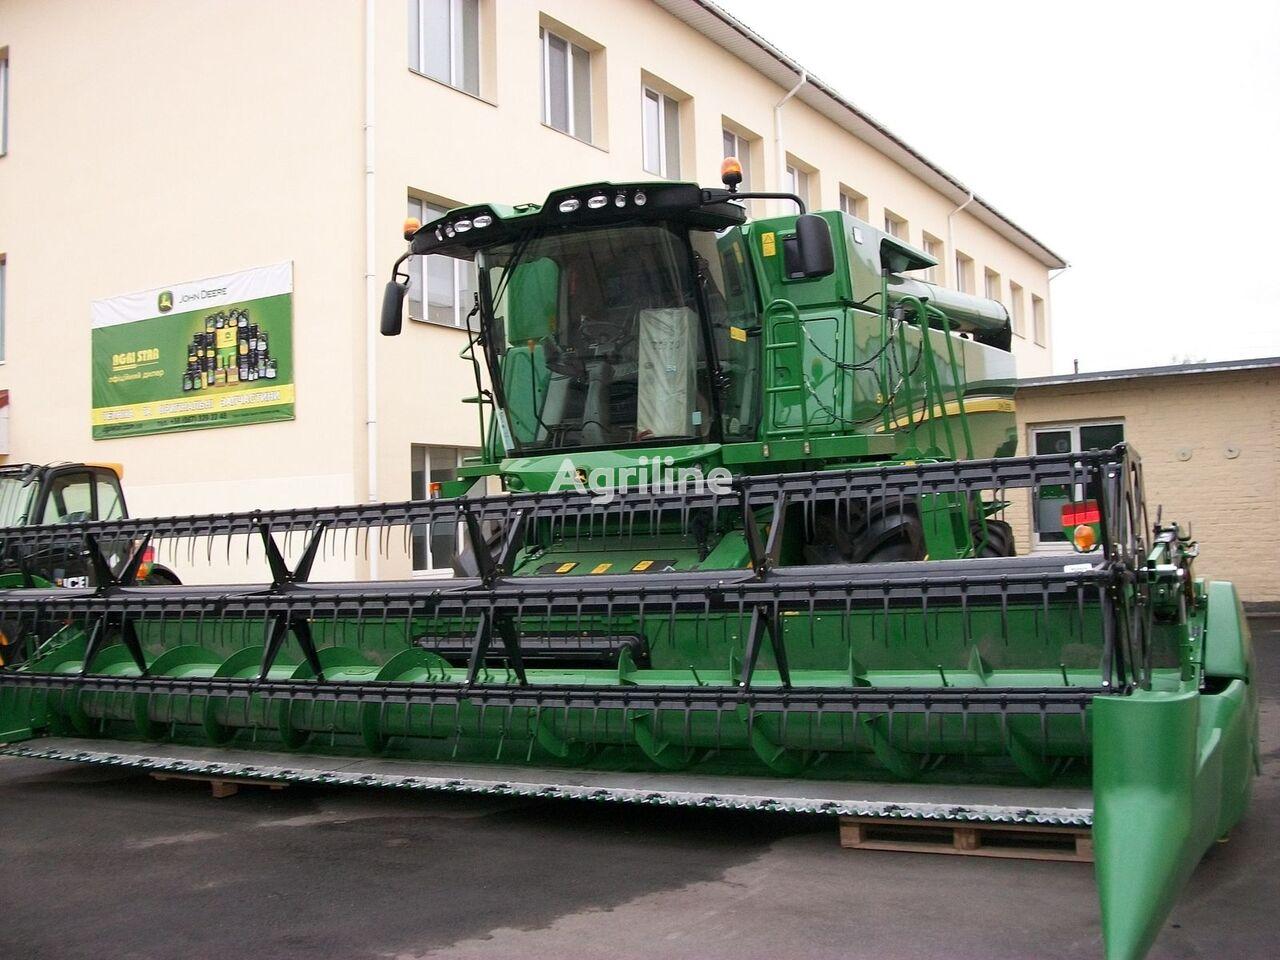 JOHN DEERE S660 grain harvester